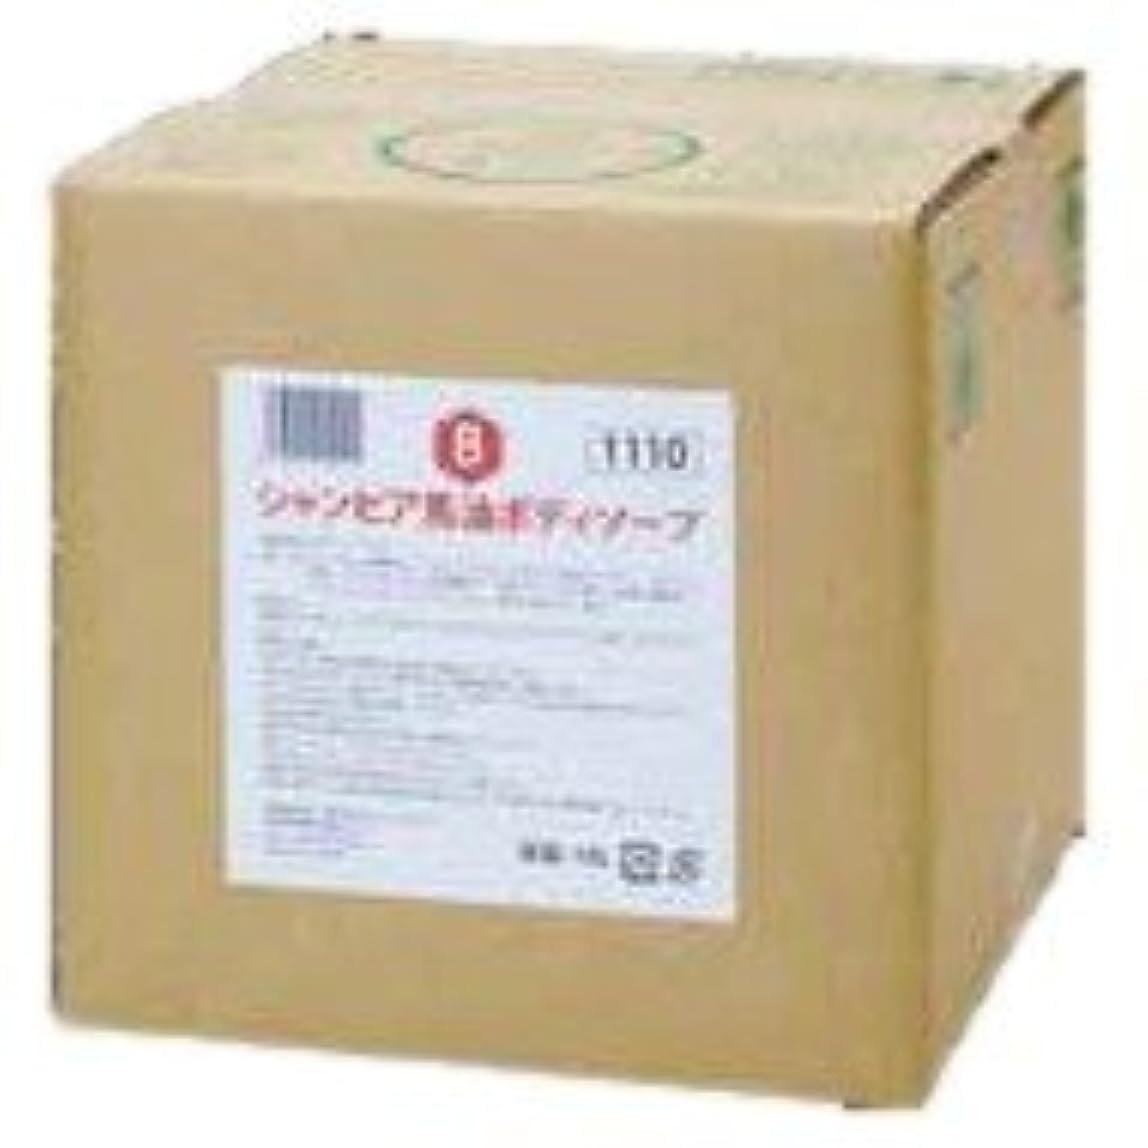 ソケット放射性ホイストシャンピア馬油 ボディソープ 18L